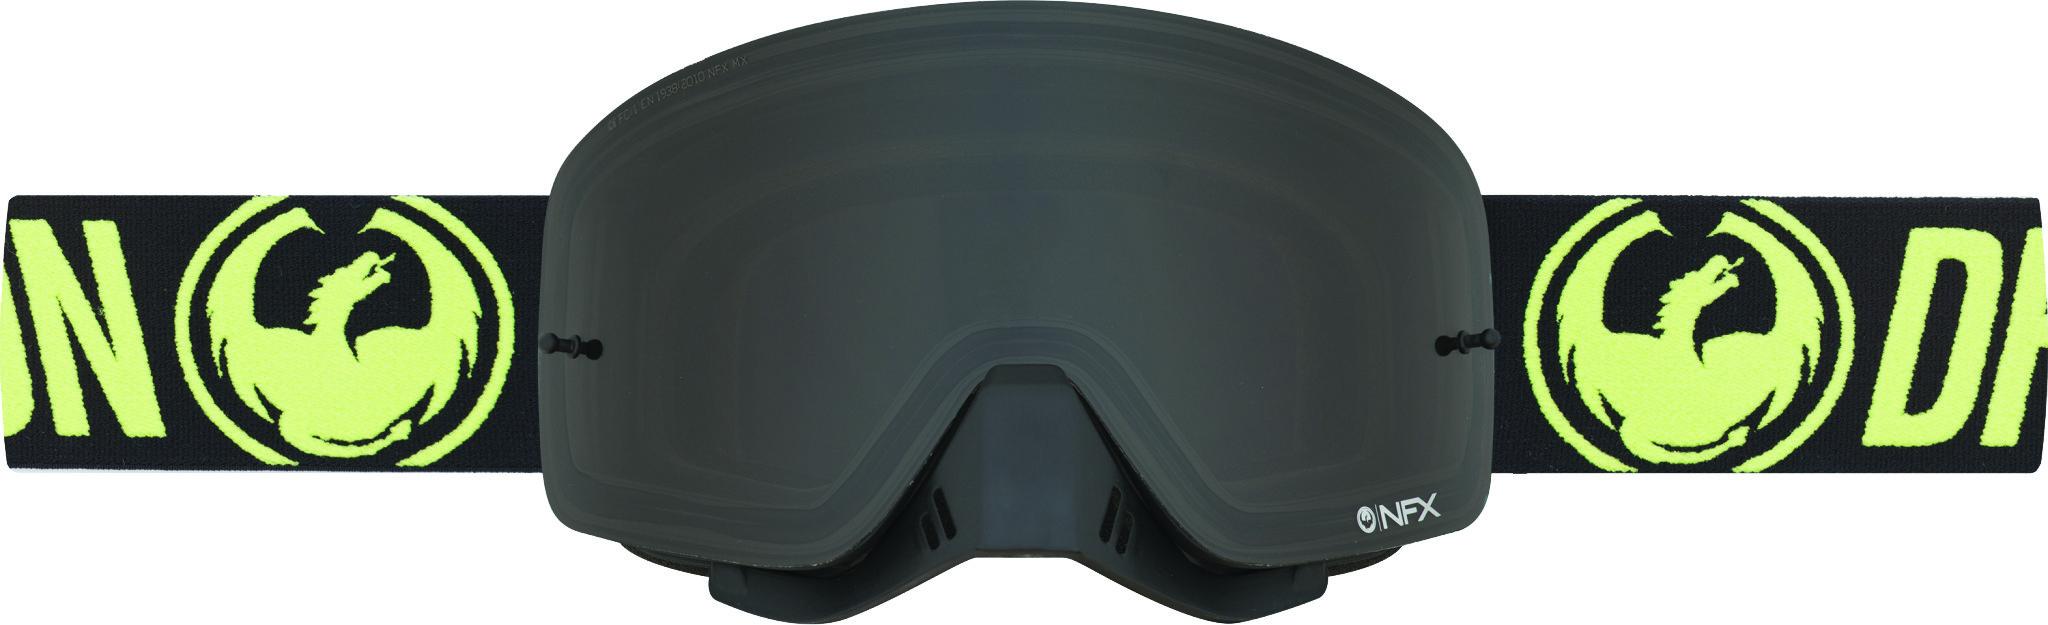 Nfx Goggle Hi-Vis W/Smoke Lens